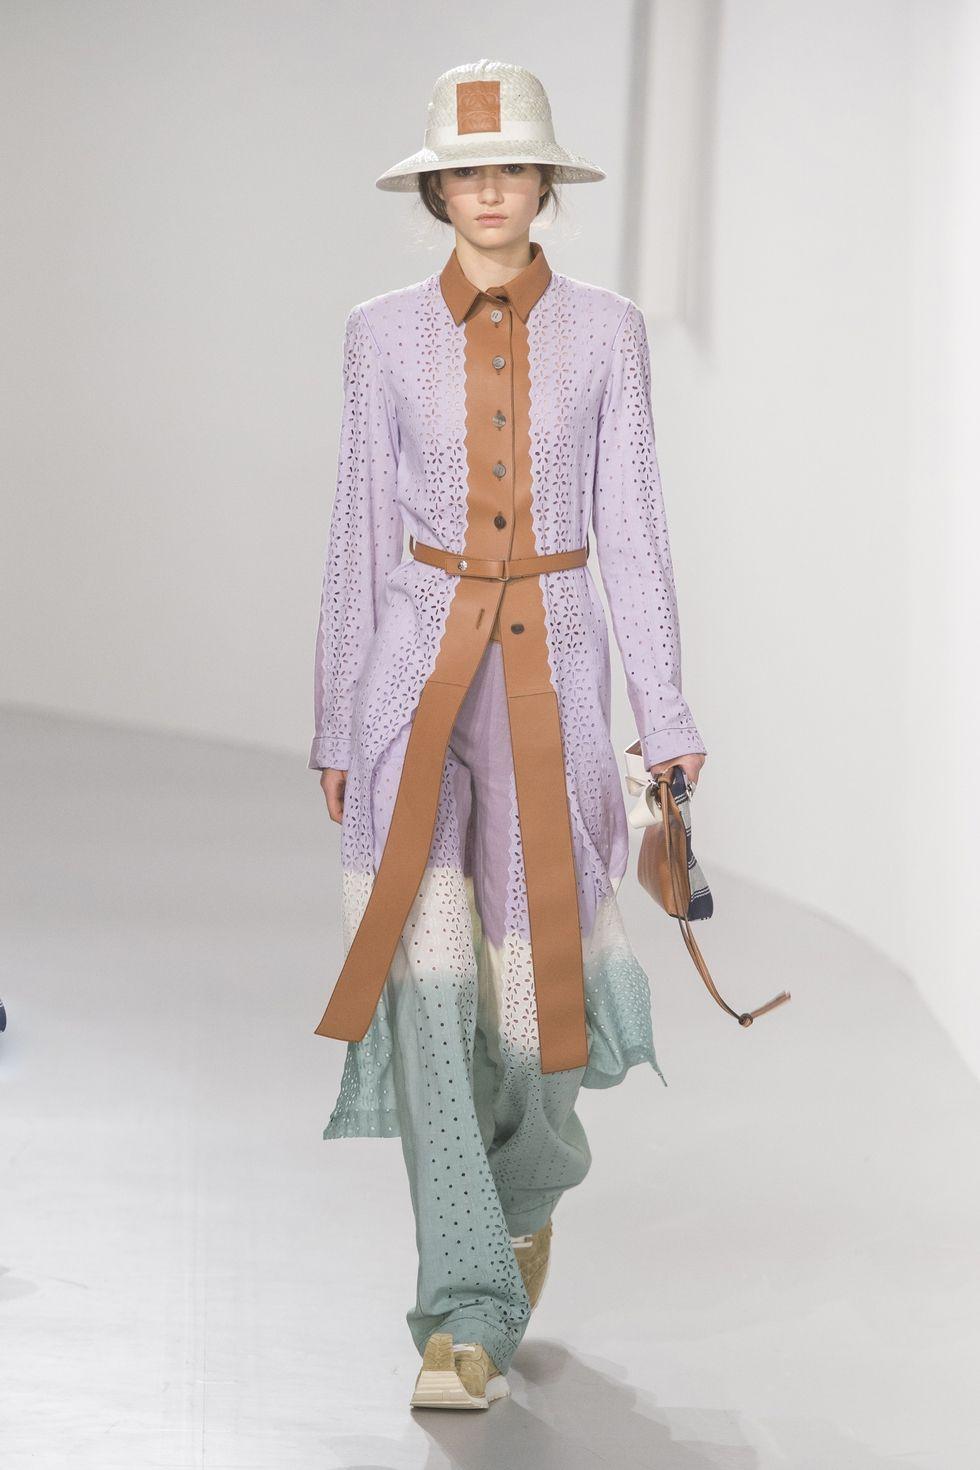 Модный тренч лилового цвета из коллекции Loewe весна-лето 2018